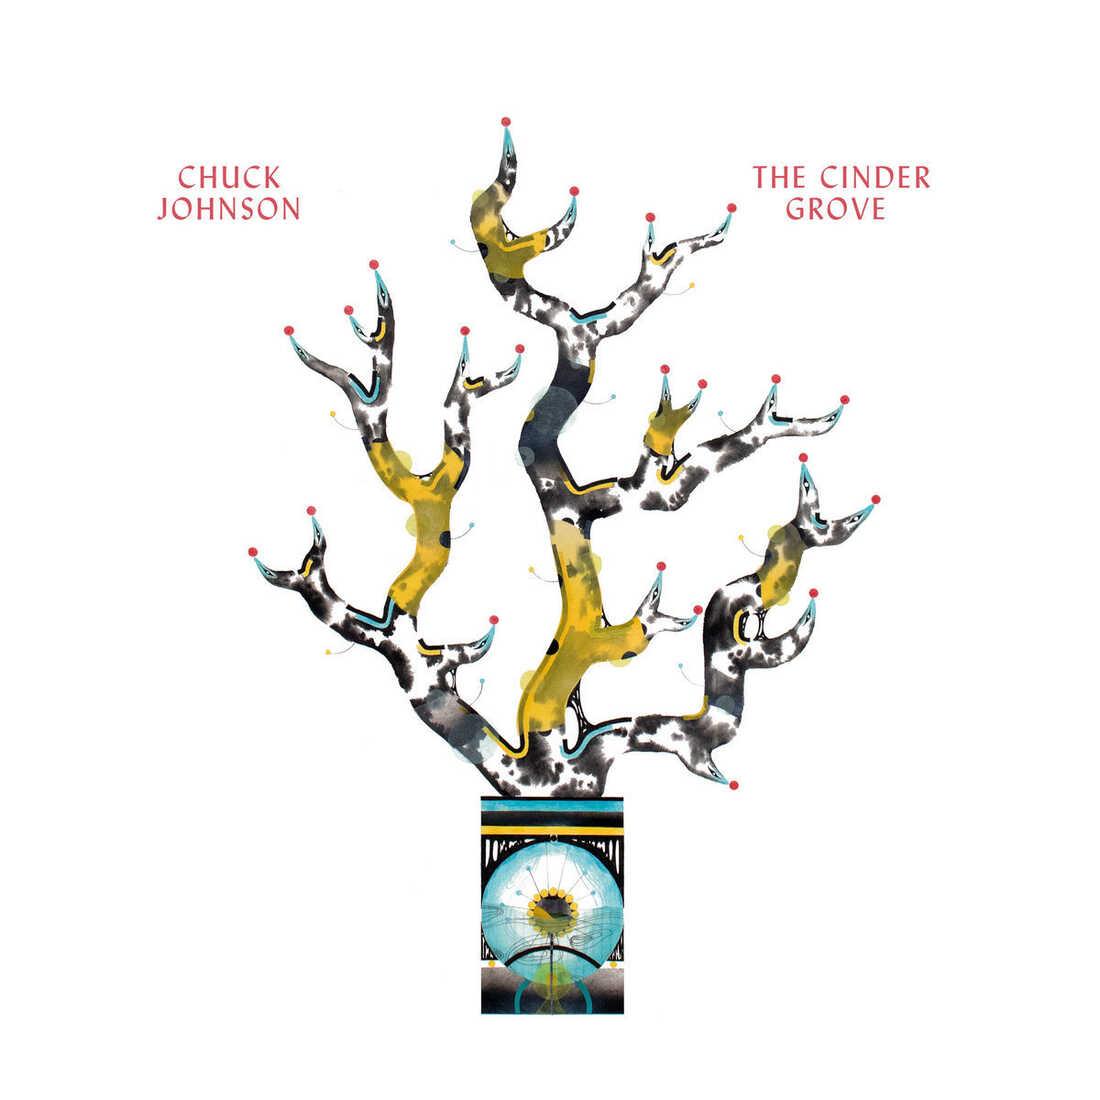 Chuck Johnson, The Cinder Grove